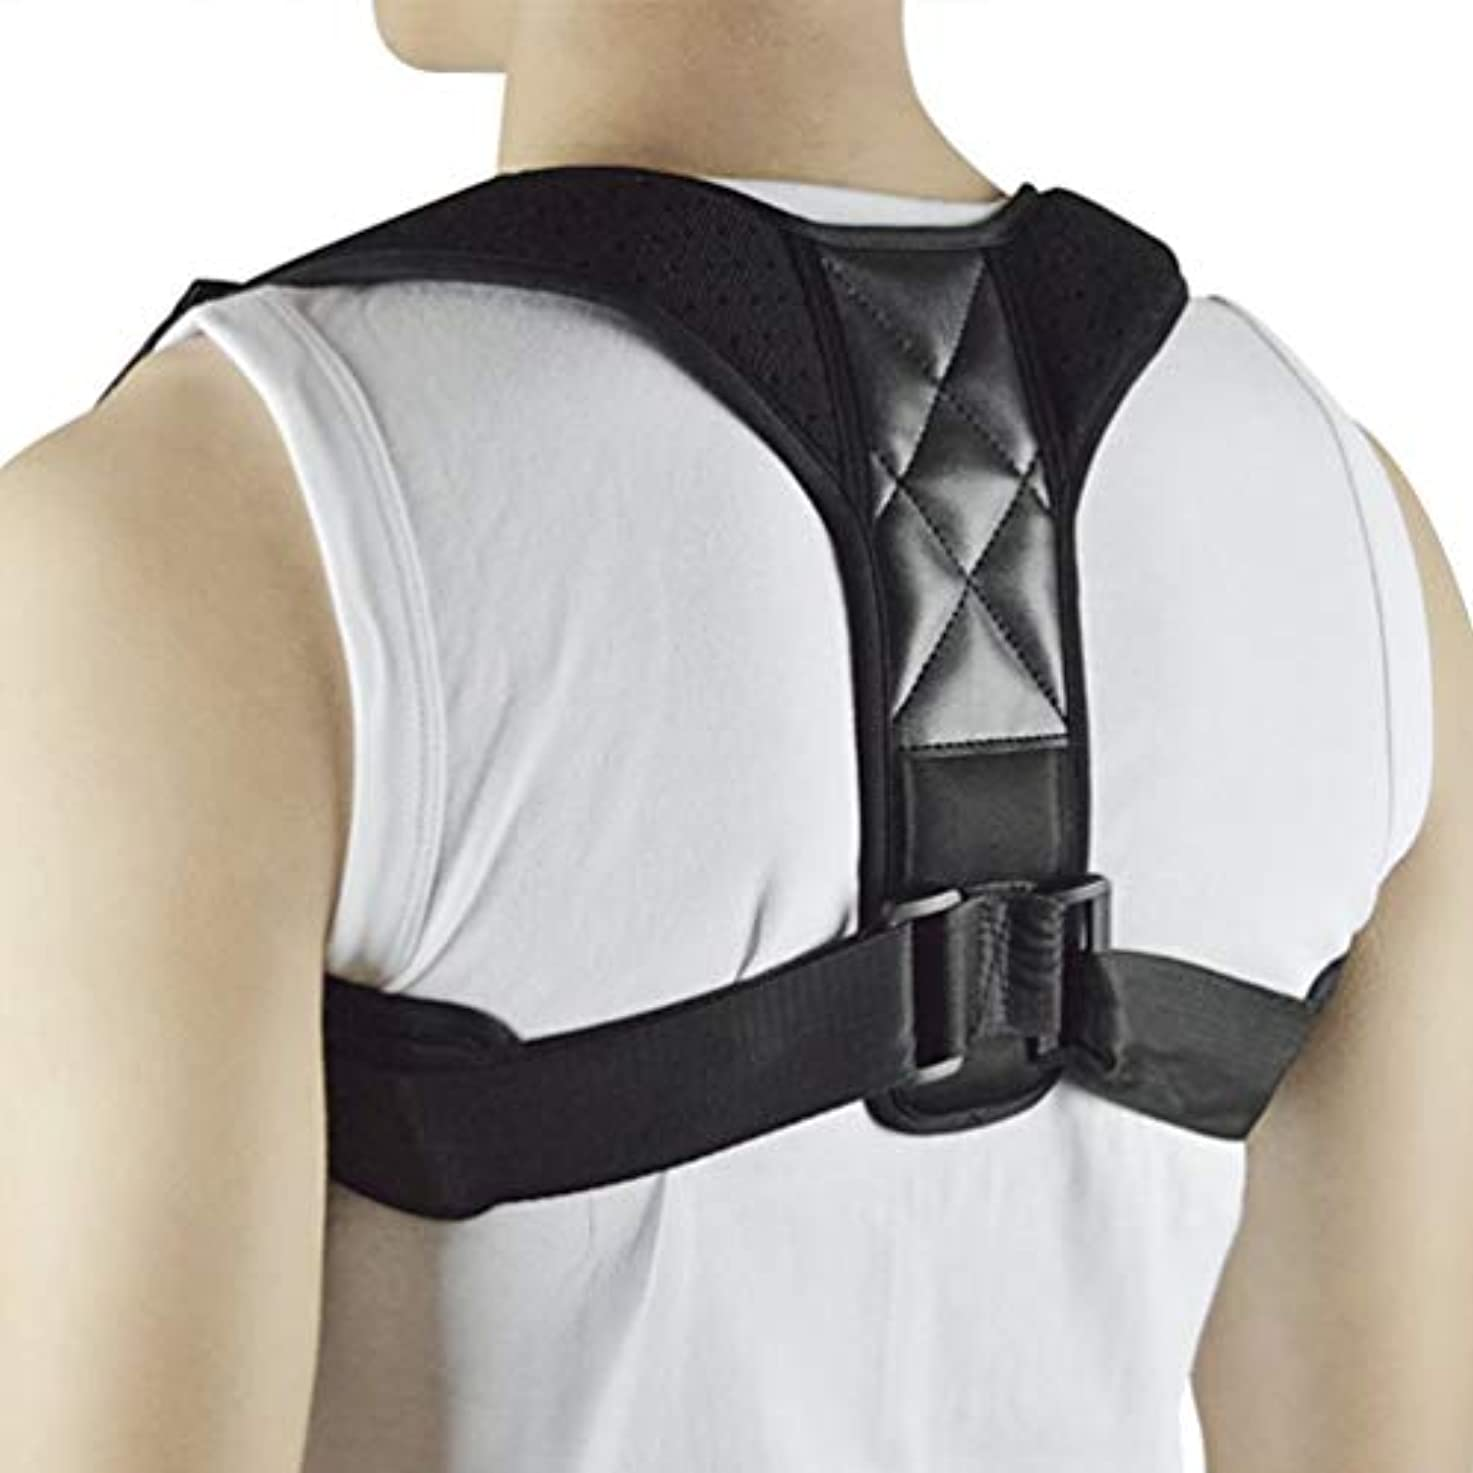 救いレイプ矩形WT-C734ザトウクジラ矯正ベルト大人の脊椎背部固定子の背部矯正 - 多色アドバンス